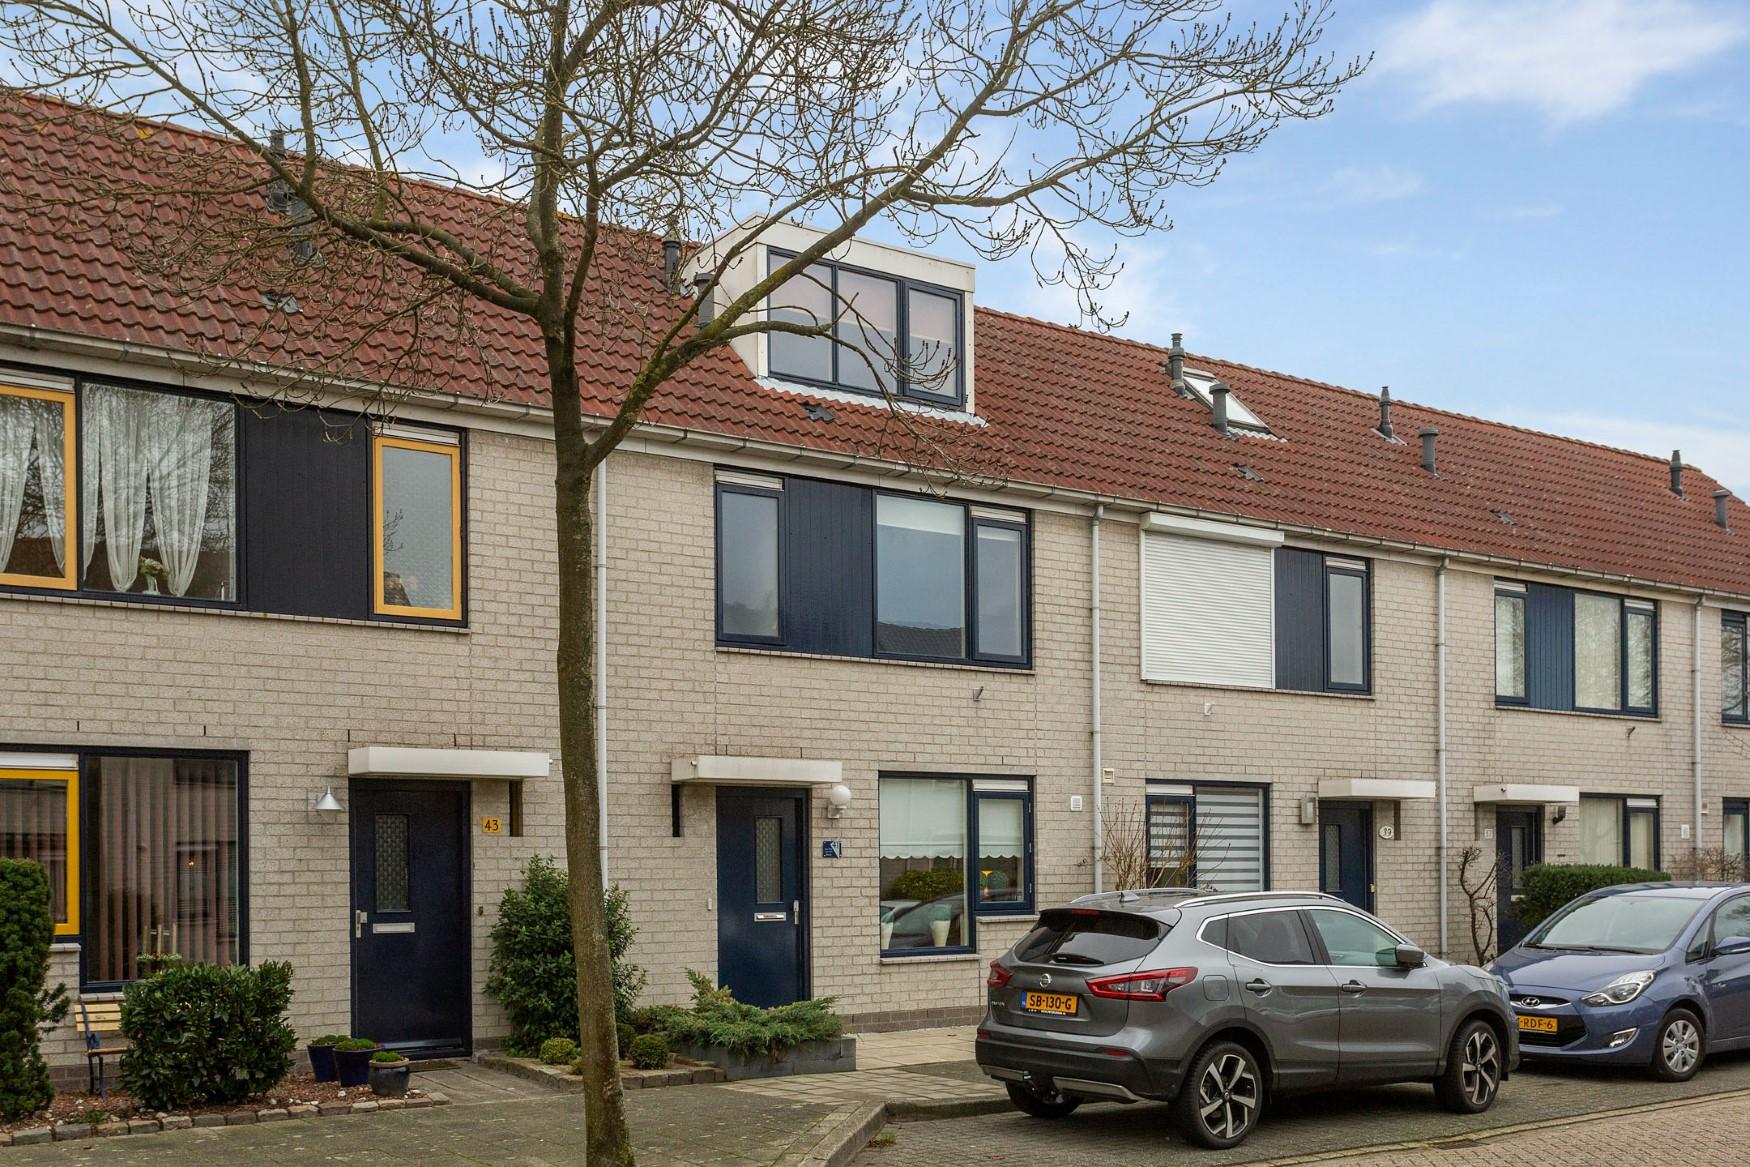 ac24490a6c4 VERKOCHT: Smaragd 41, Hoorn - Westfries Goed Makelaars & Adviseurs